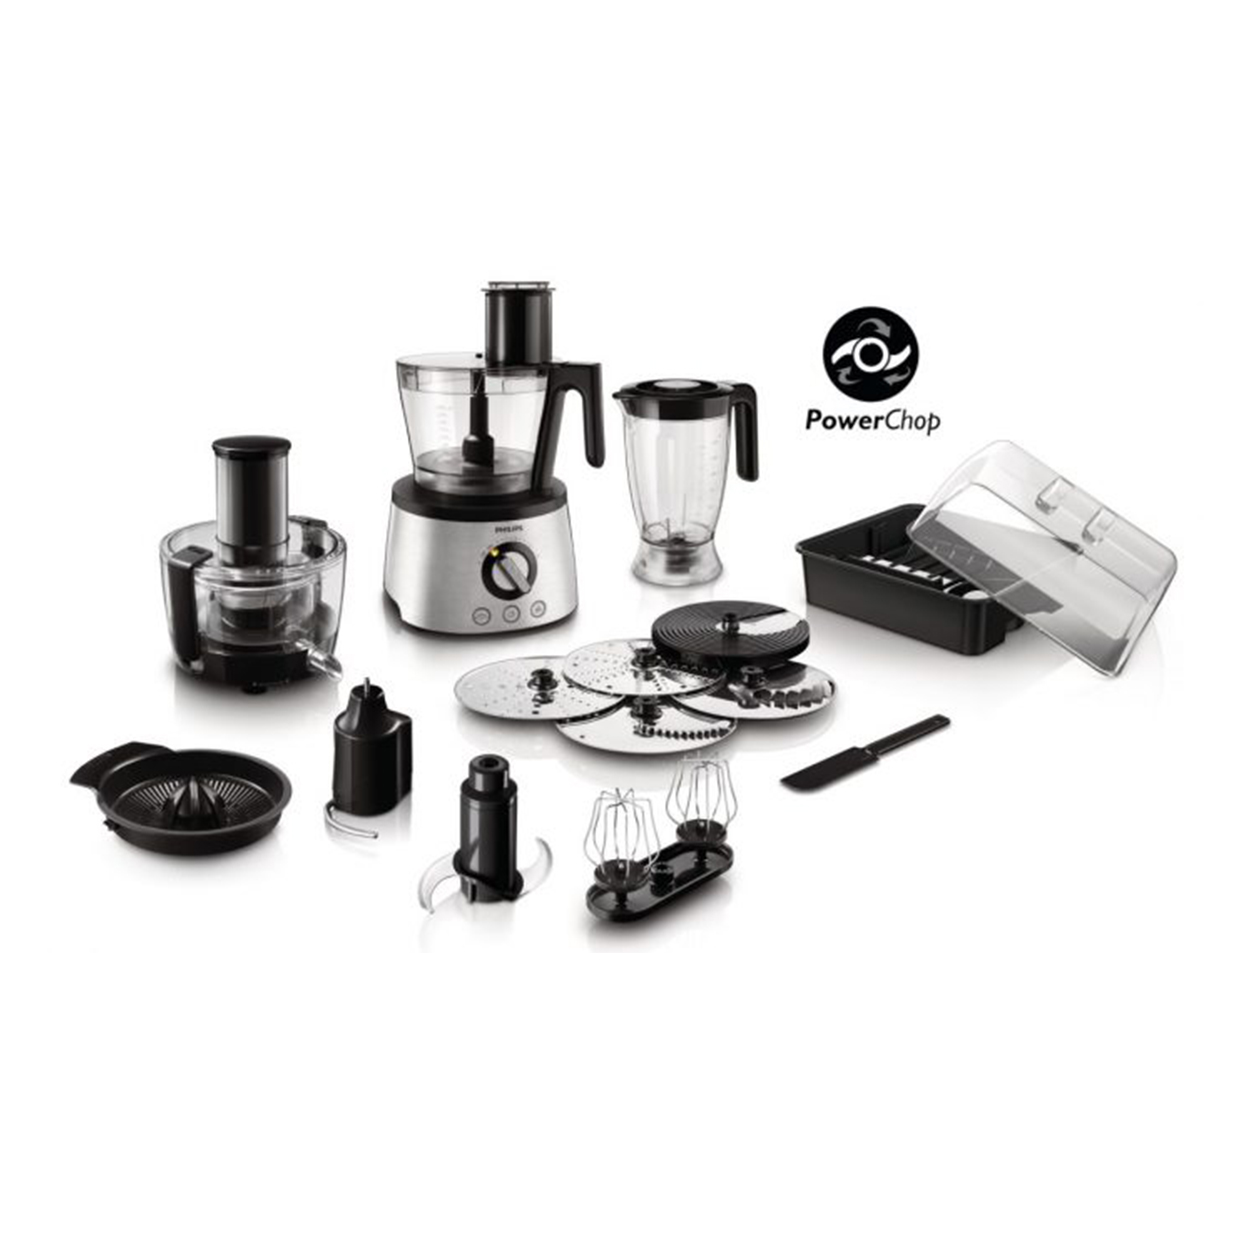 Pirkite Avance Collection Virtuvinį kombainą HR7778/00 elektroninėje | Philips parduotuvėje